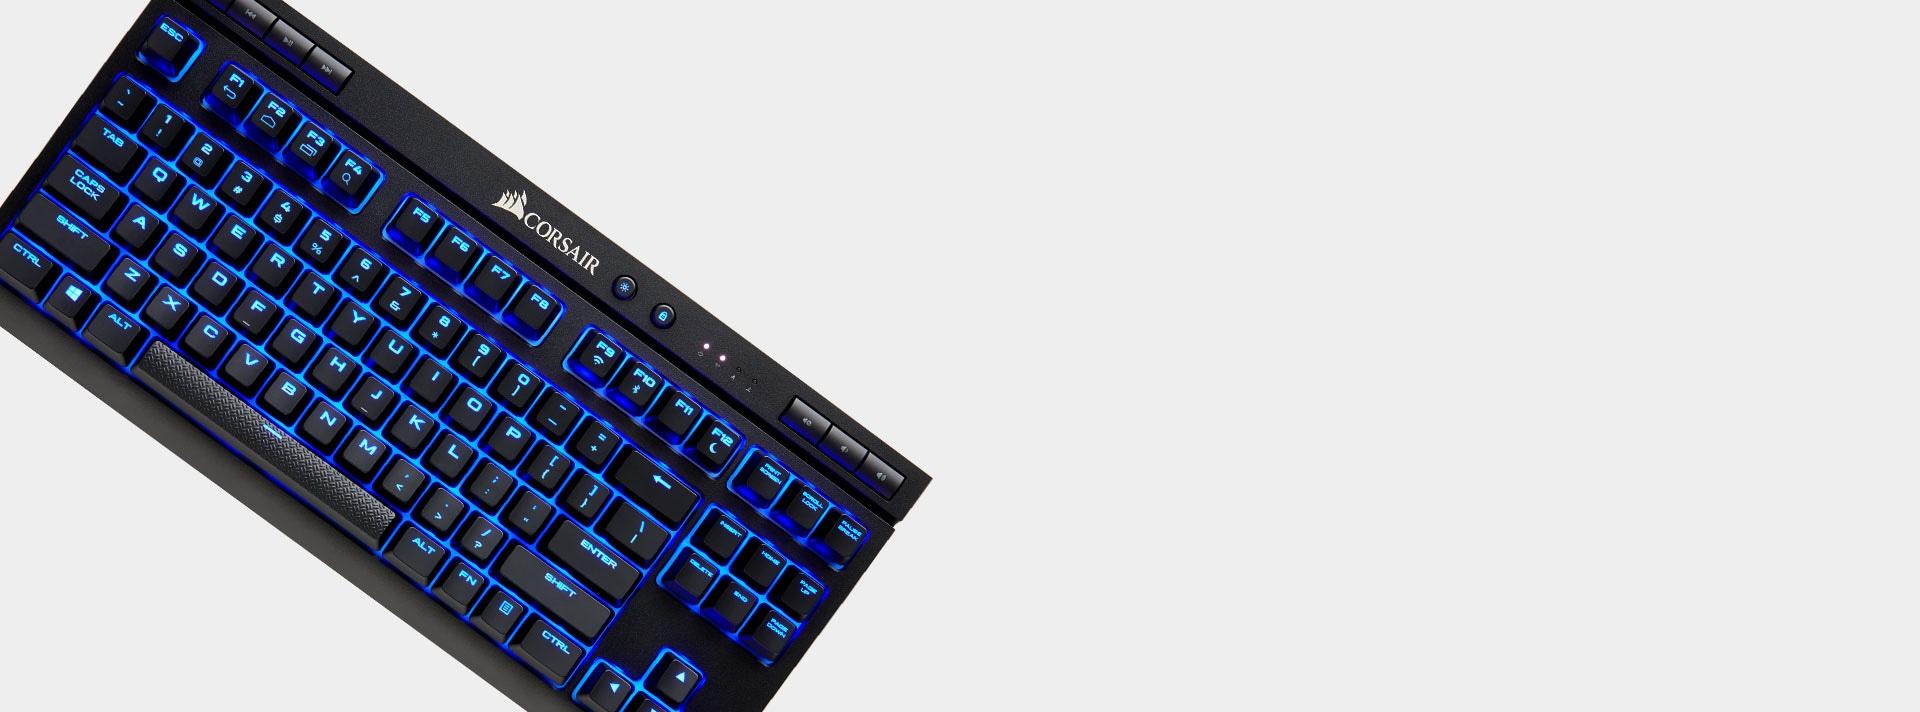 Bàn phím cơ Corsair K63 Wireless - Cherry MX Red (USB/Blue Led) (CH-9145030-NA) có thiết kế nhỏ gọn